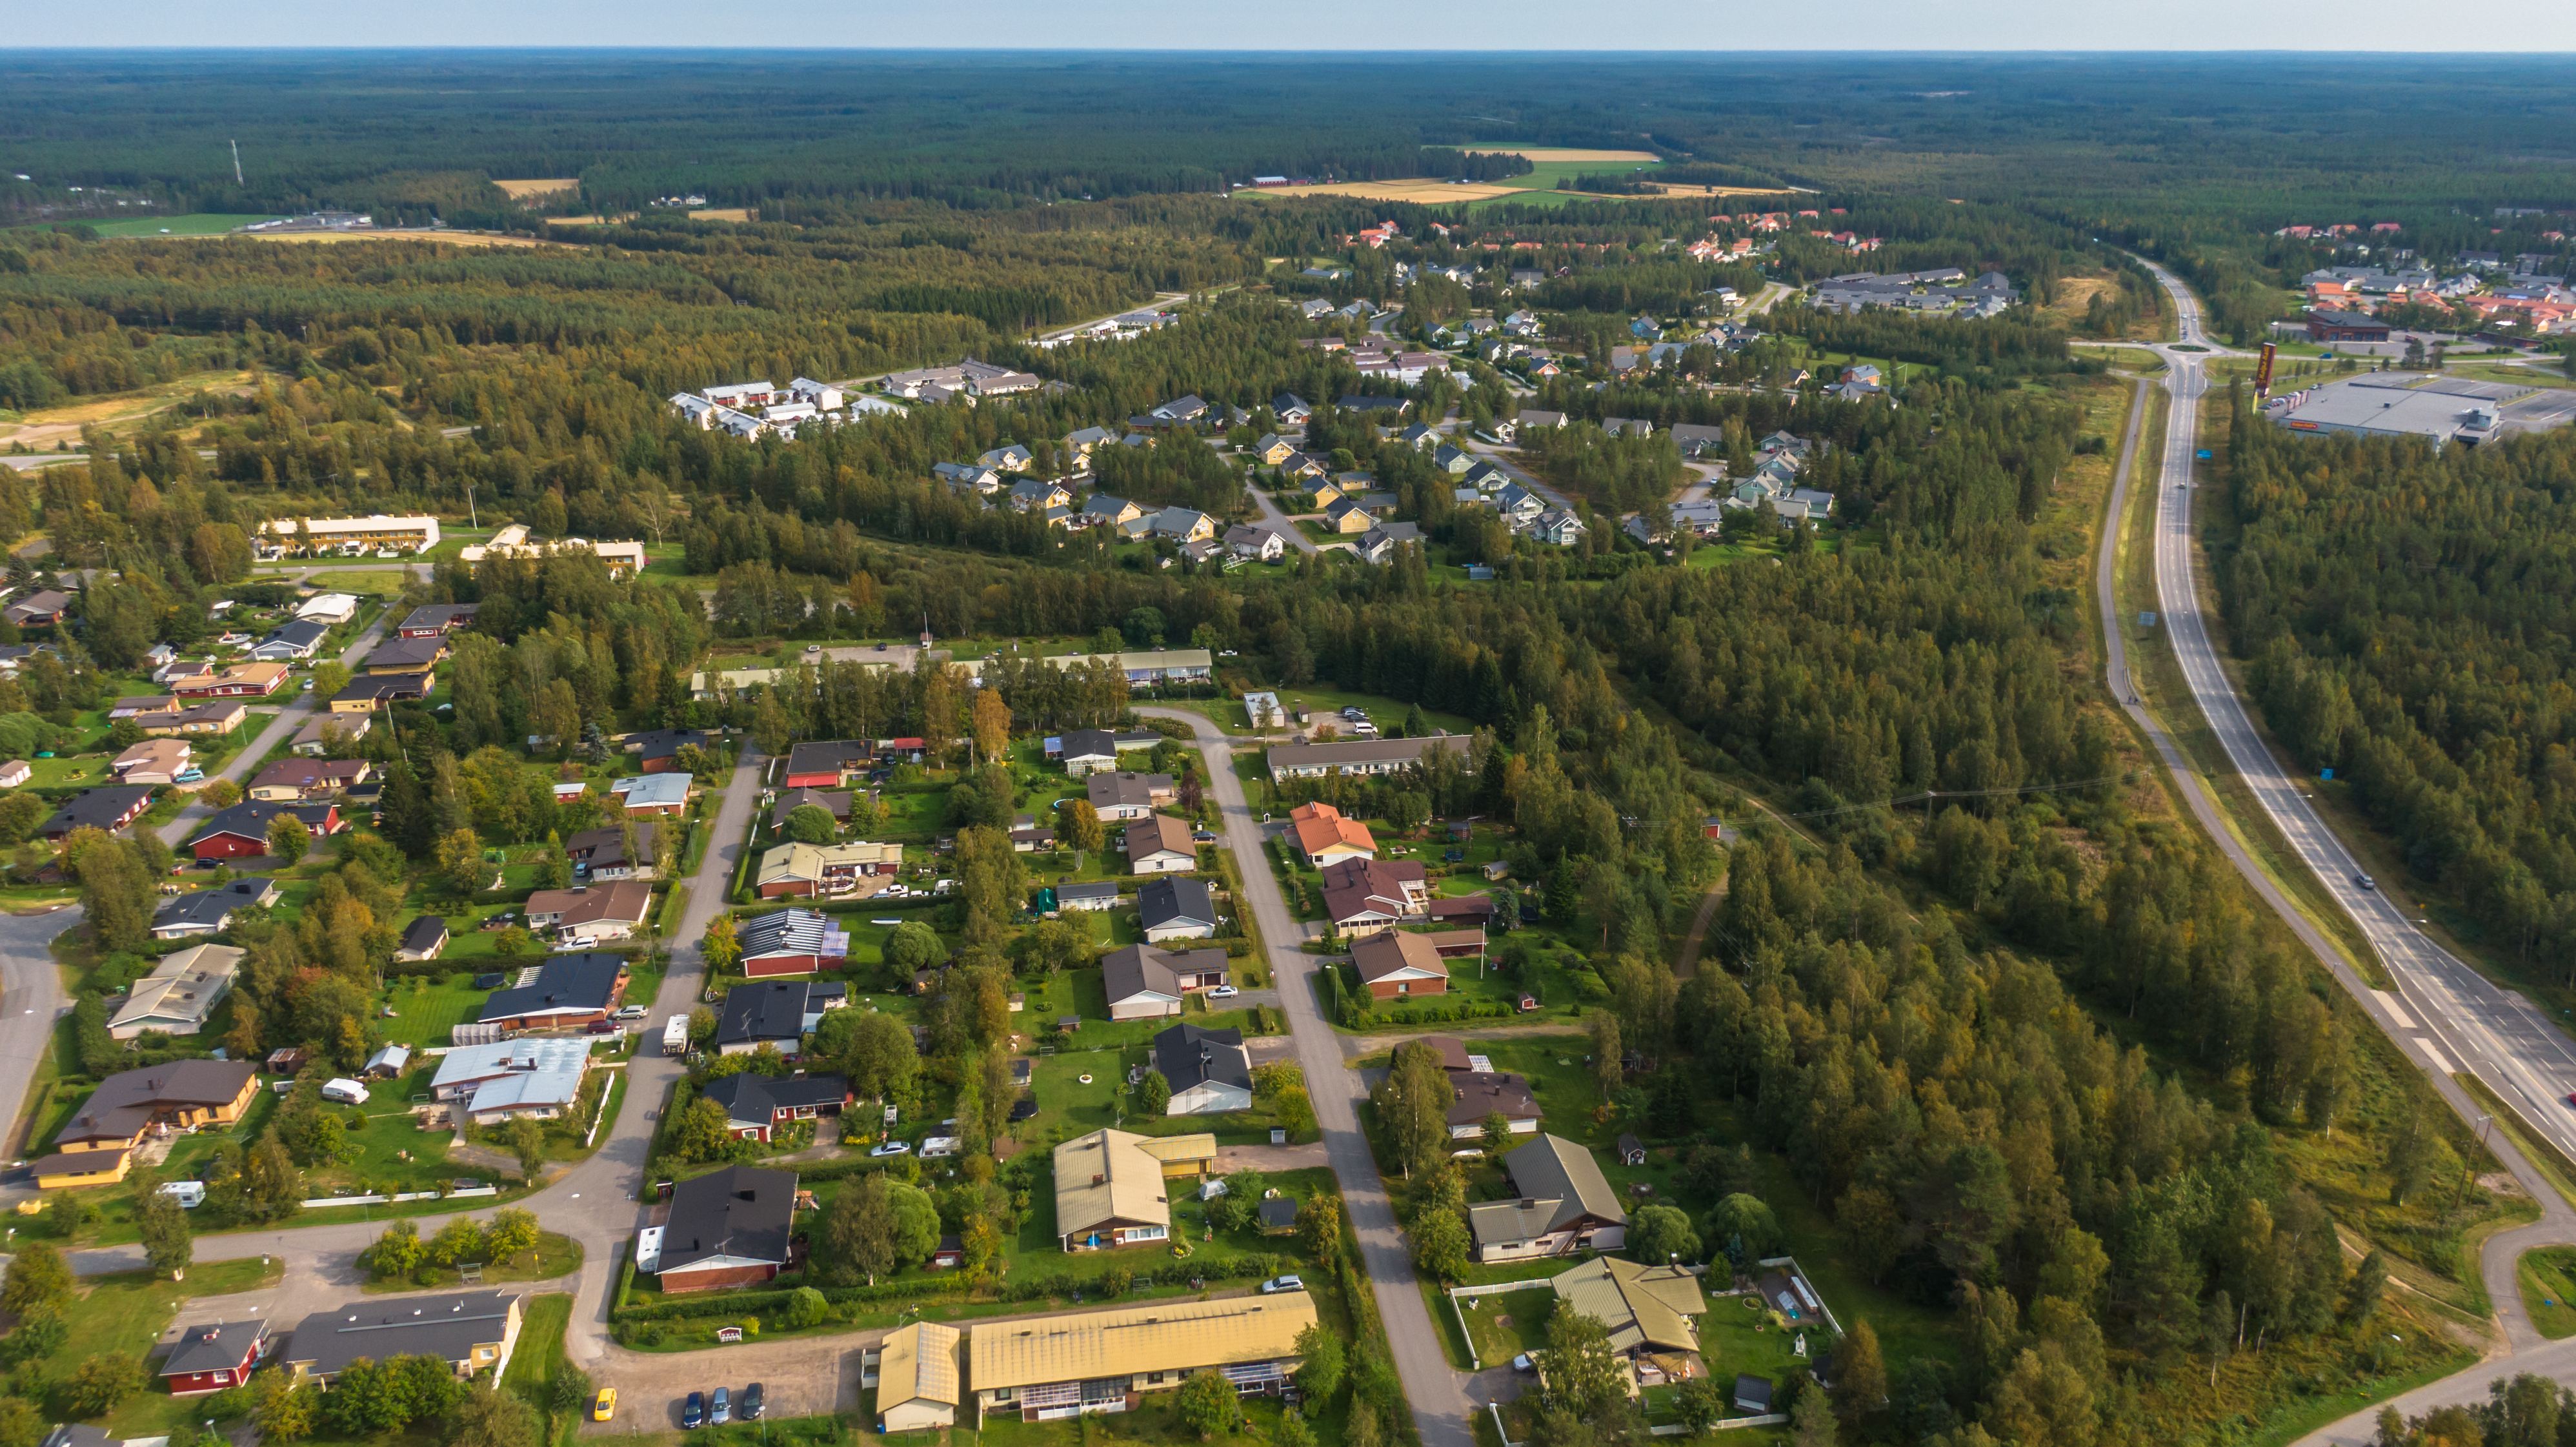 Lintuperspektiivistä otettu maisemakuva: Oulu, Haukipudas ja Haapakankaan rauhallinen asuinalue. Metsää, tieväyliä ja taloja.